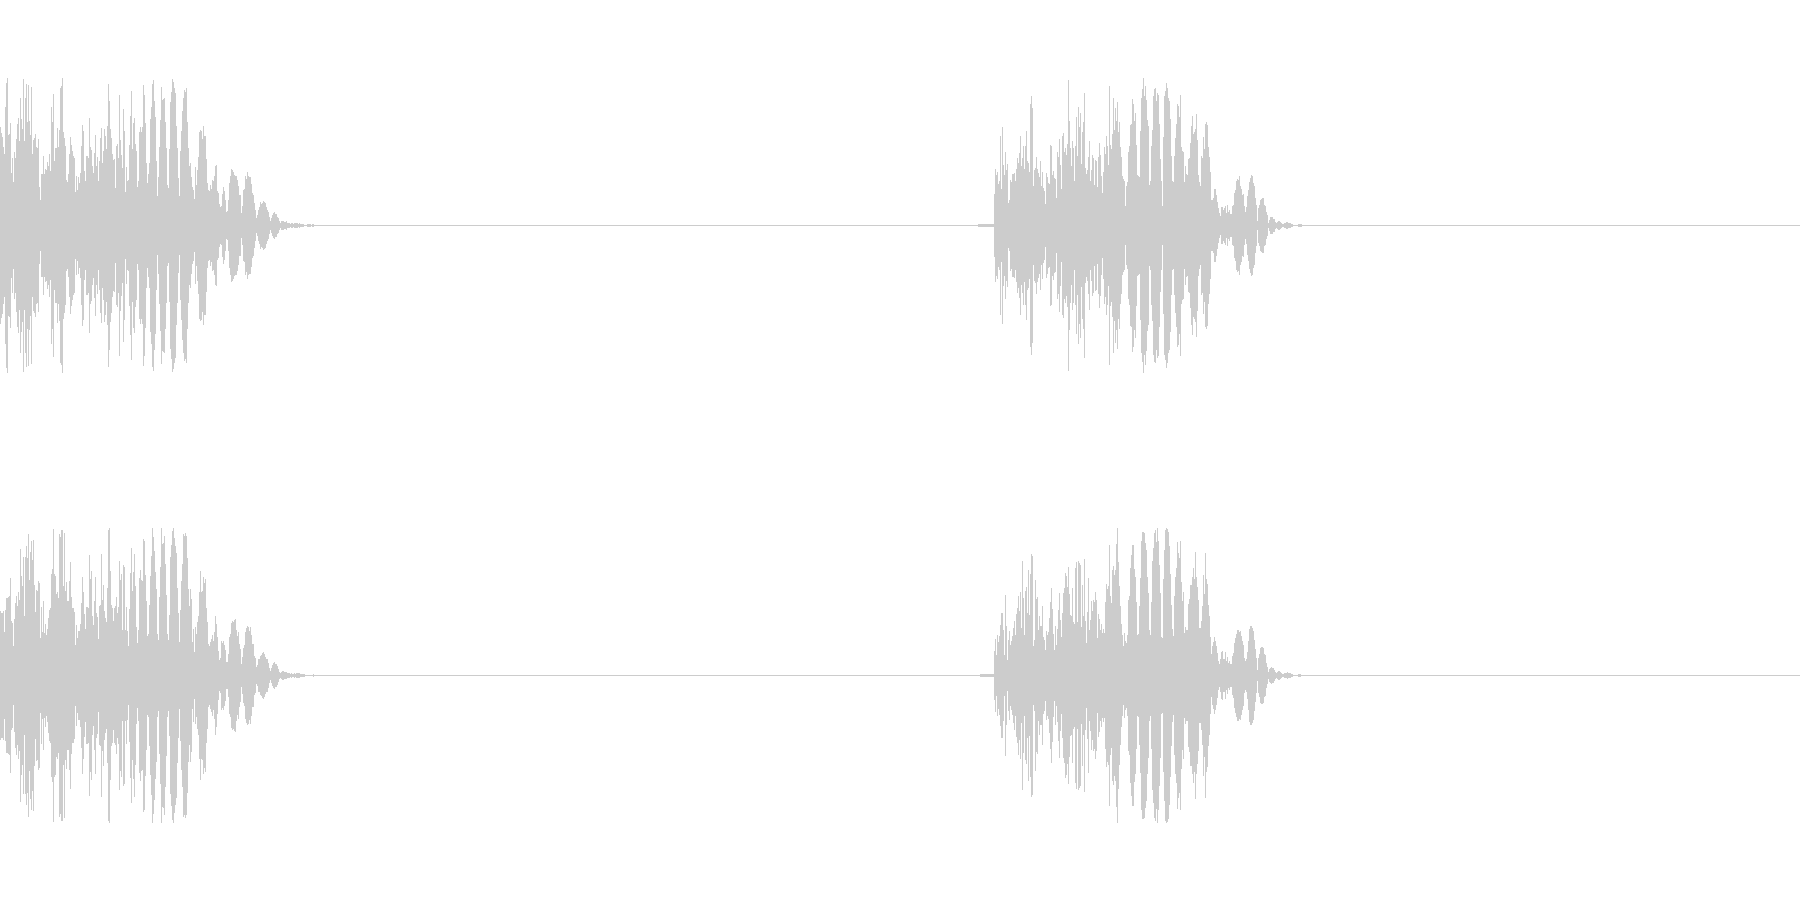 モンスターの足音 2の未再生の波形